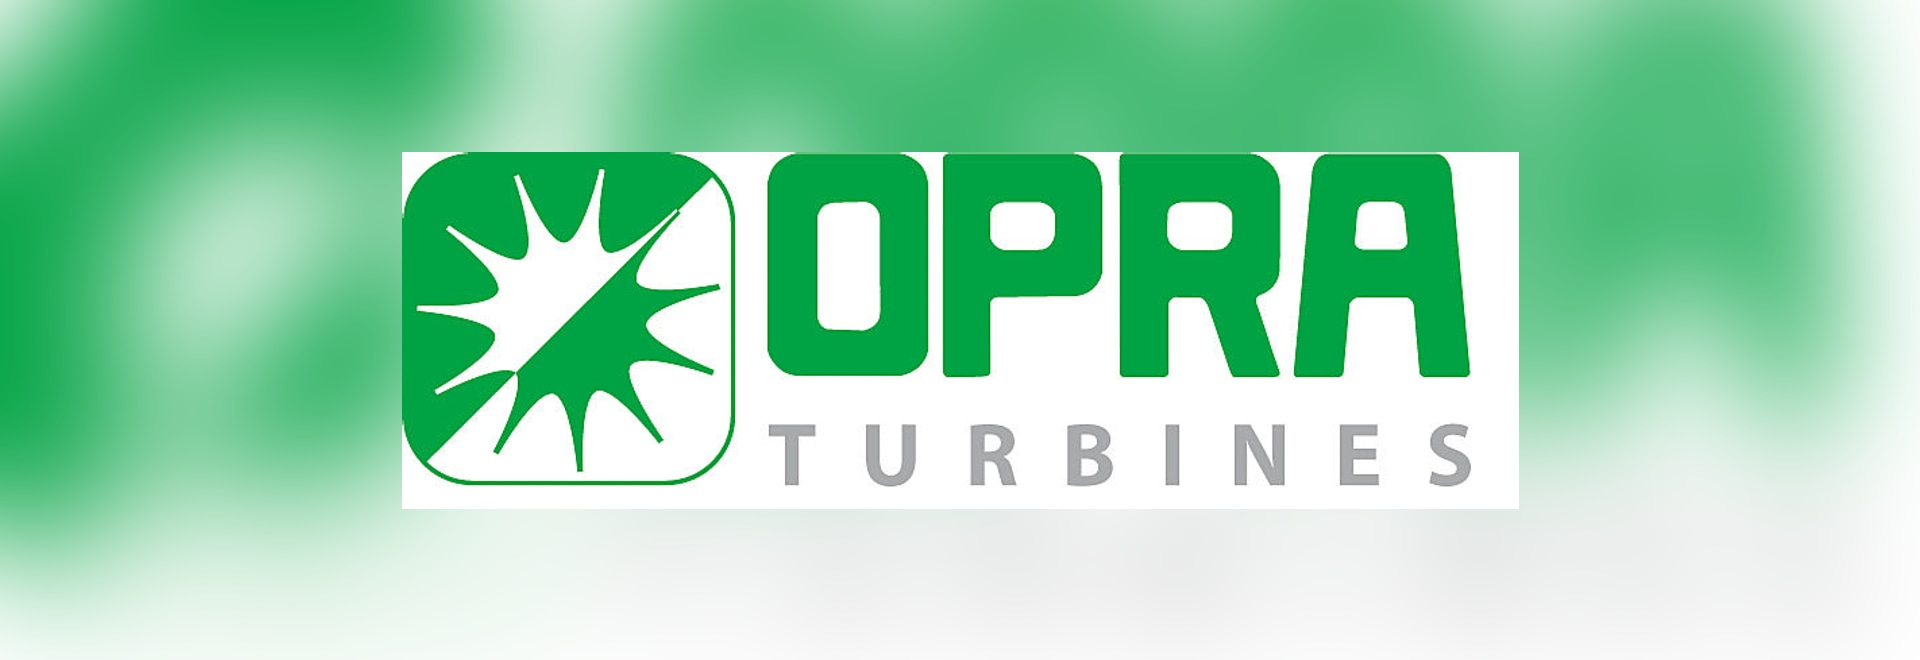 OPRA Turbines